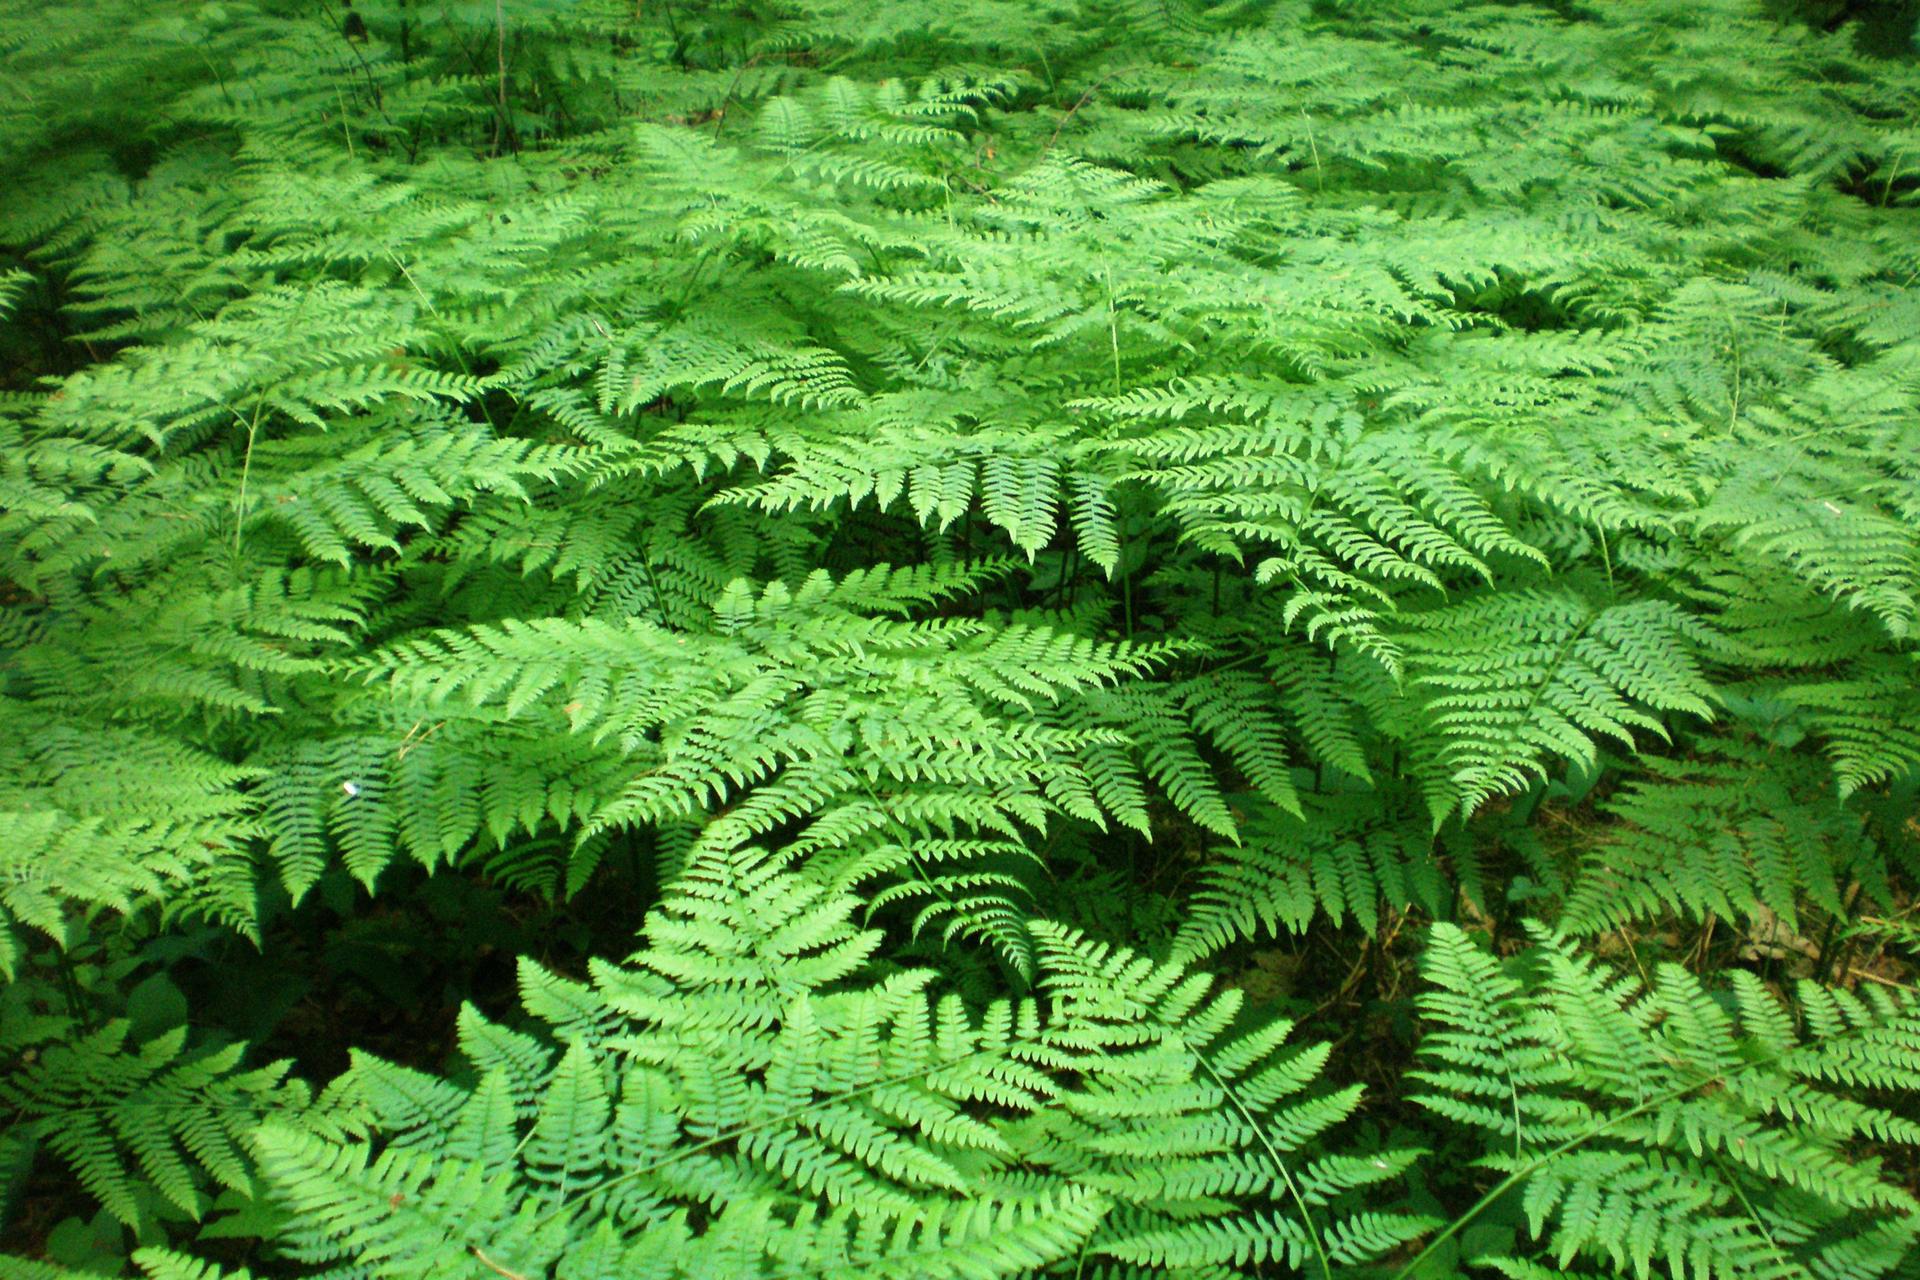 Zdjęcie orlicy pospolitej. Widać wachlarzowate liście tworzące zwartą powierzchnię, przez którą nie widać powierzchni ziemi.